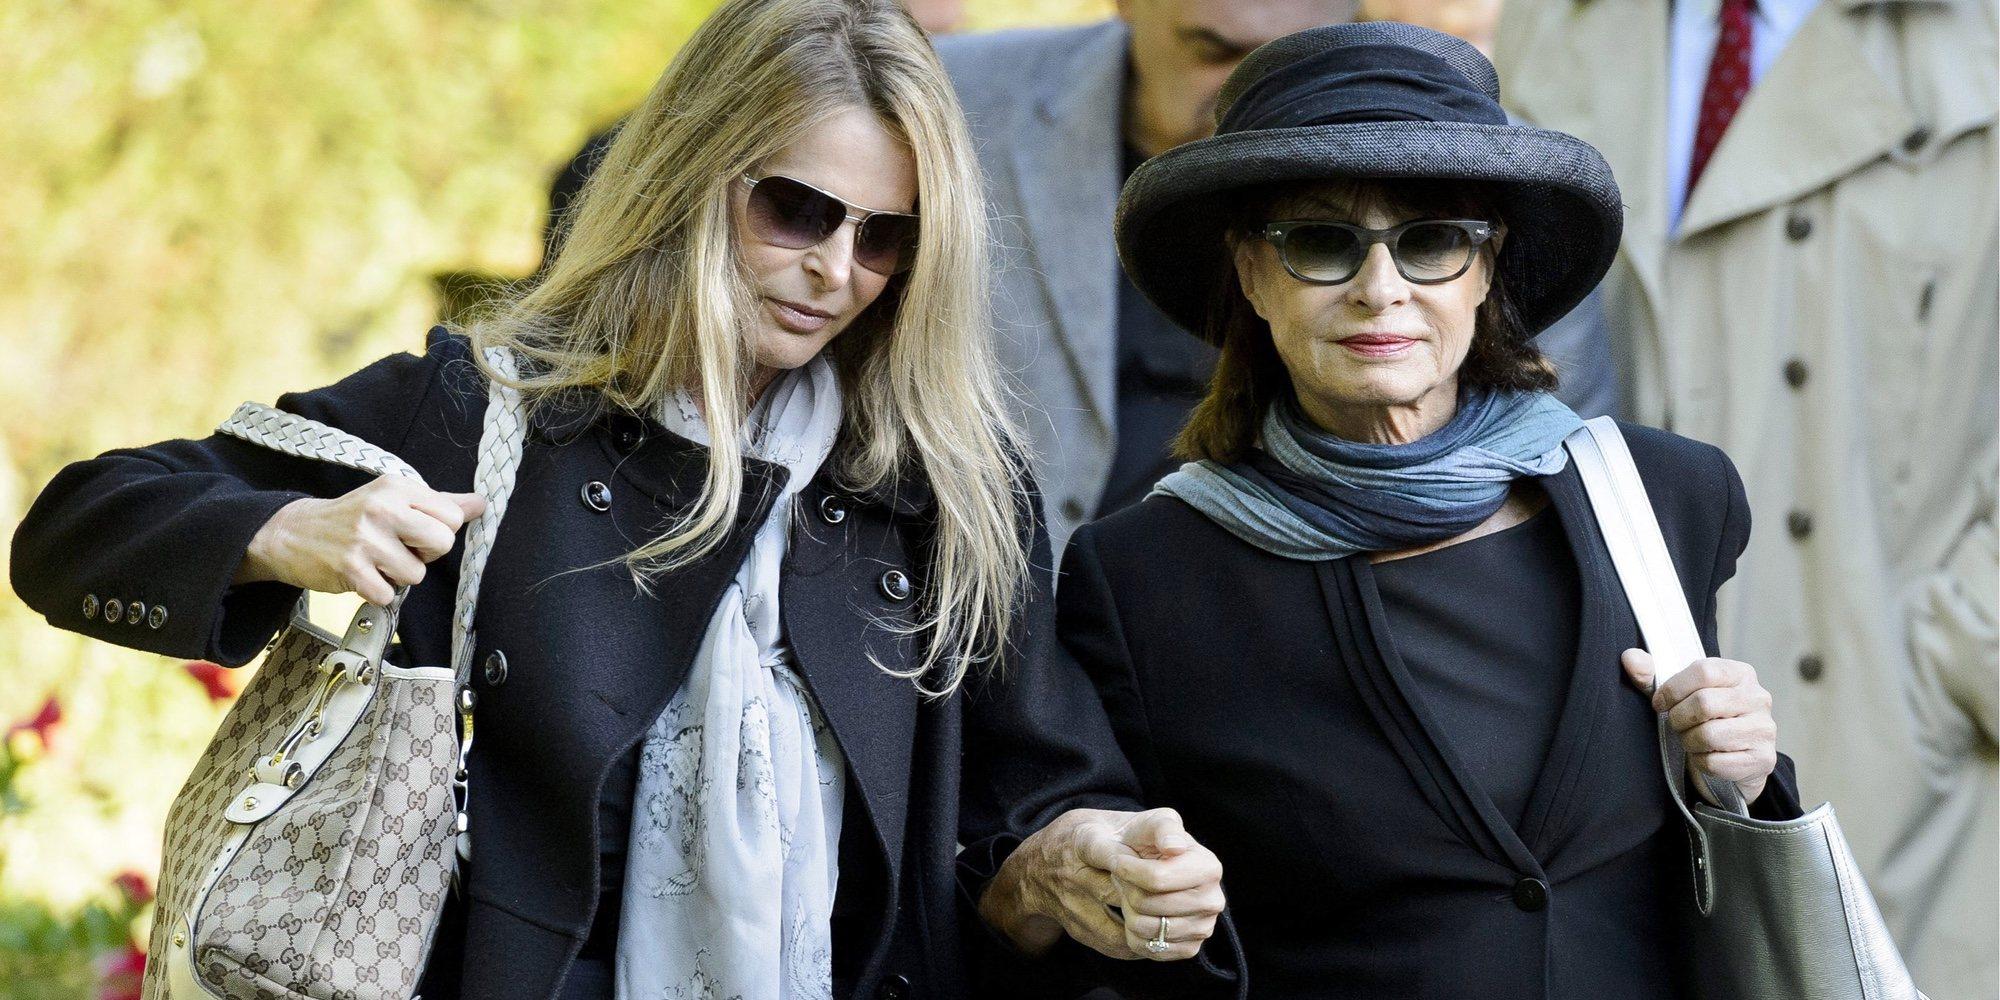 La Princesa Isabel de Yugoslavia, desesperada por rescatar a su nieta de una secta sexual